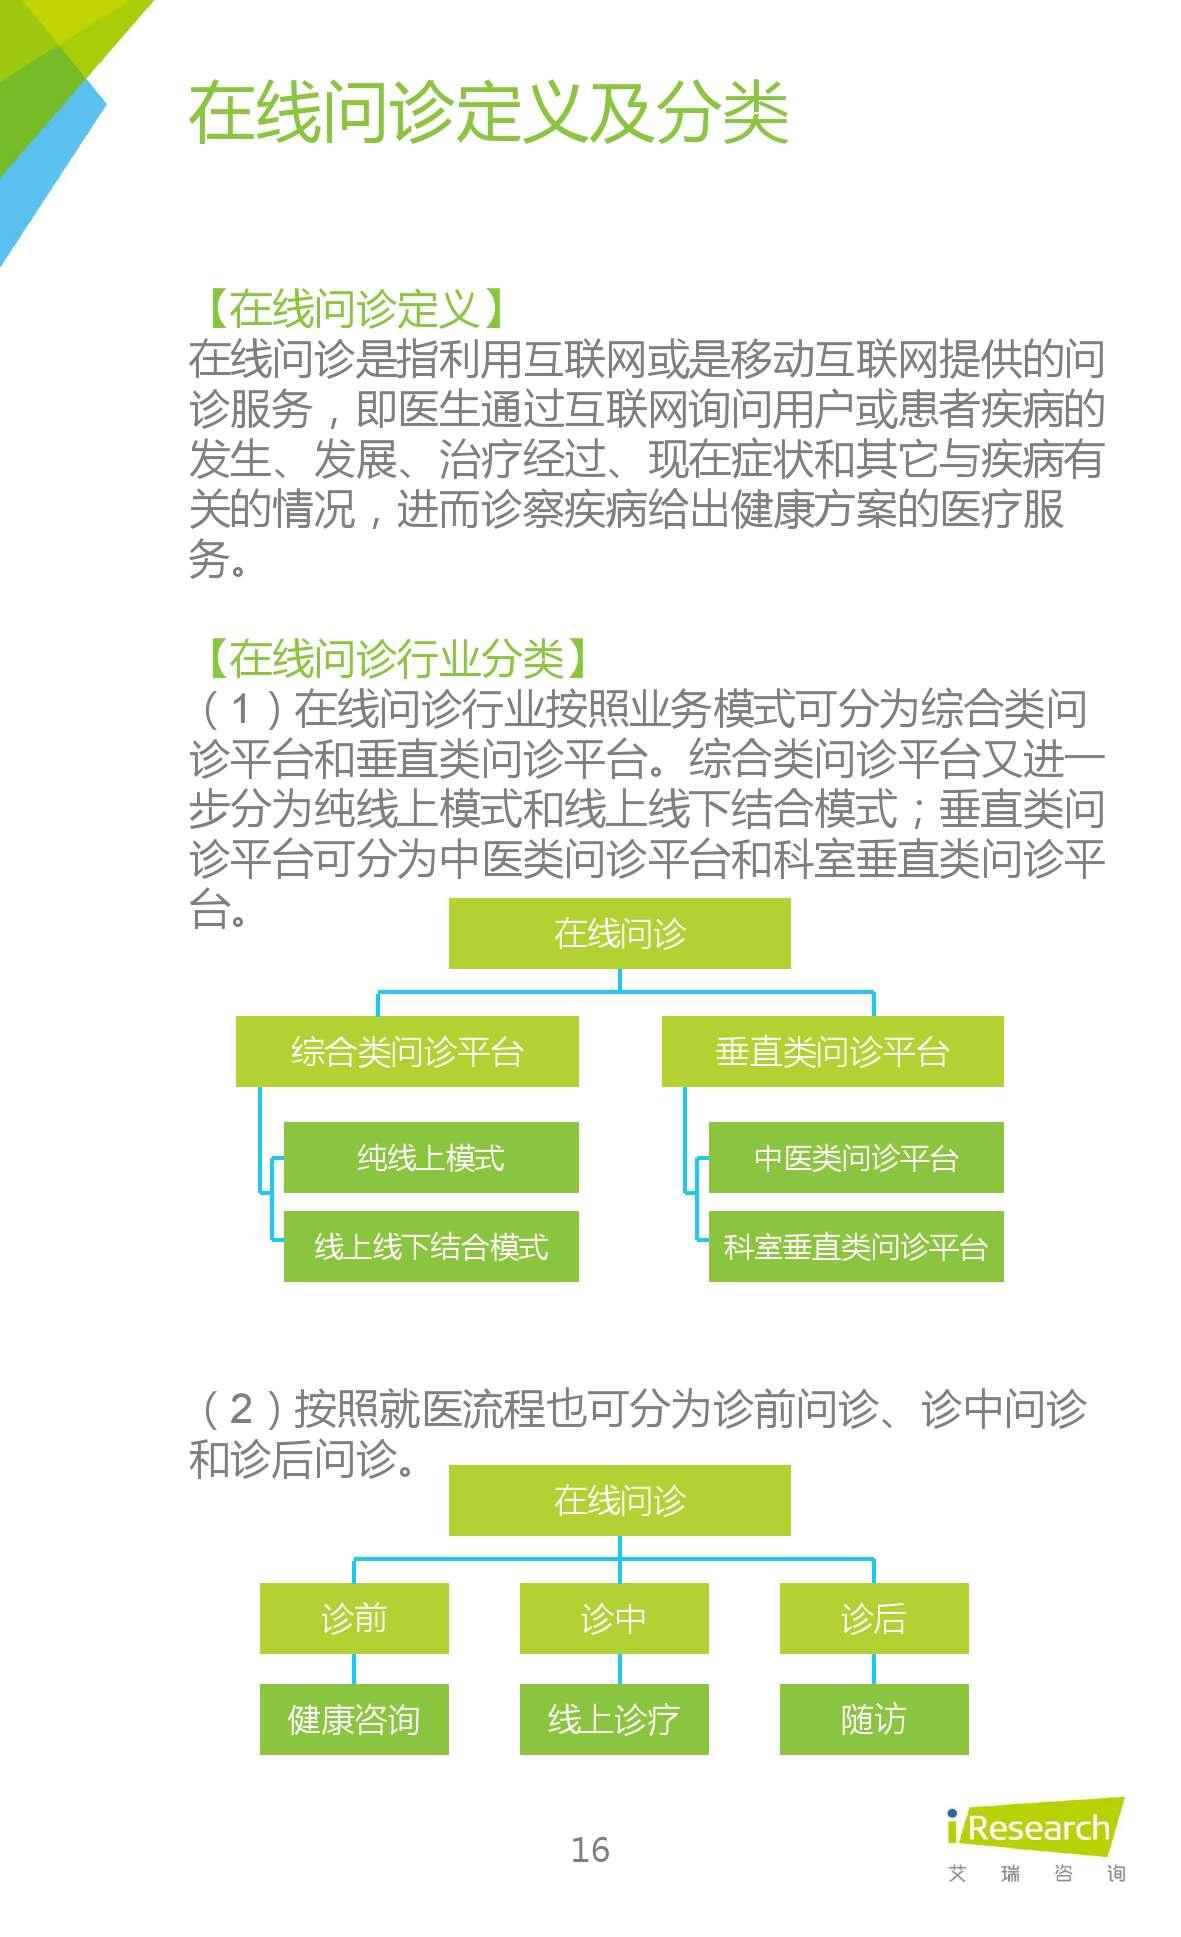 2015年中国在线问诊行业研究报告_000016